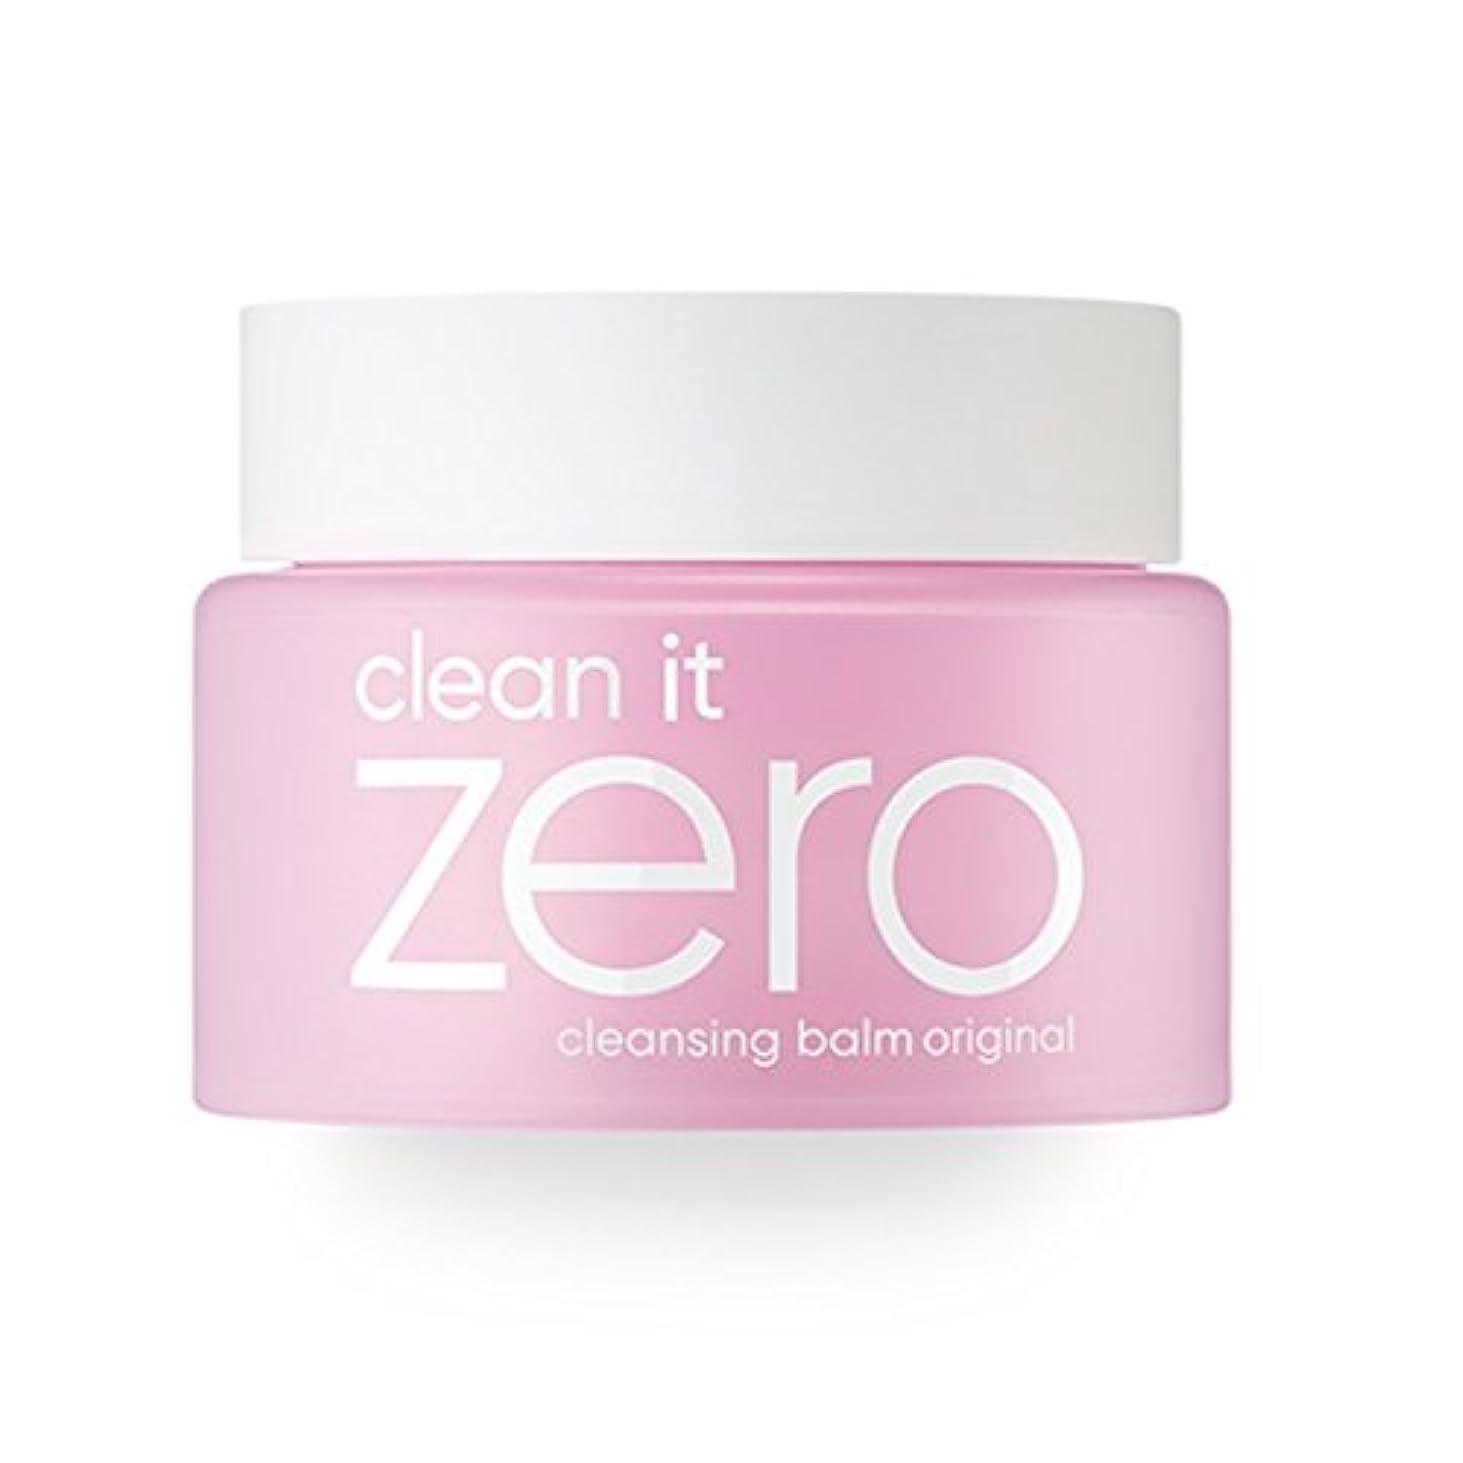 武器機構繊毛Banila.co クリーン イット ゼロ クレンジングバーム オリジナル / Clean it Zero Cleansing Balm Original (100ml)